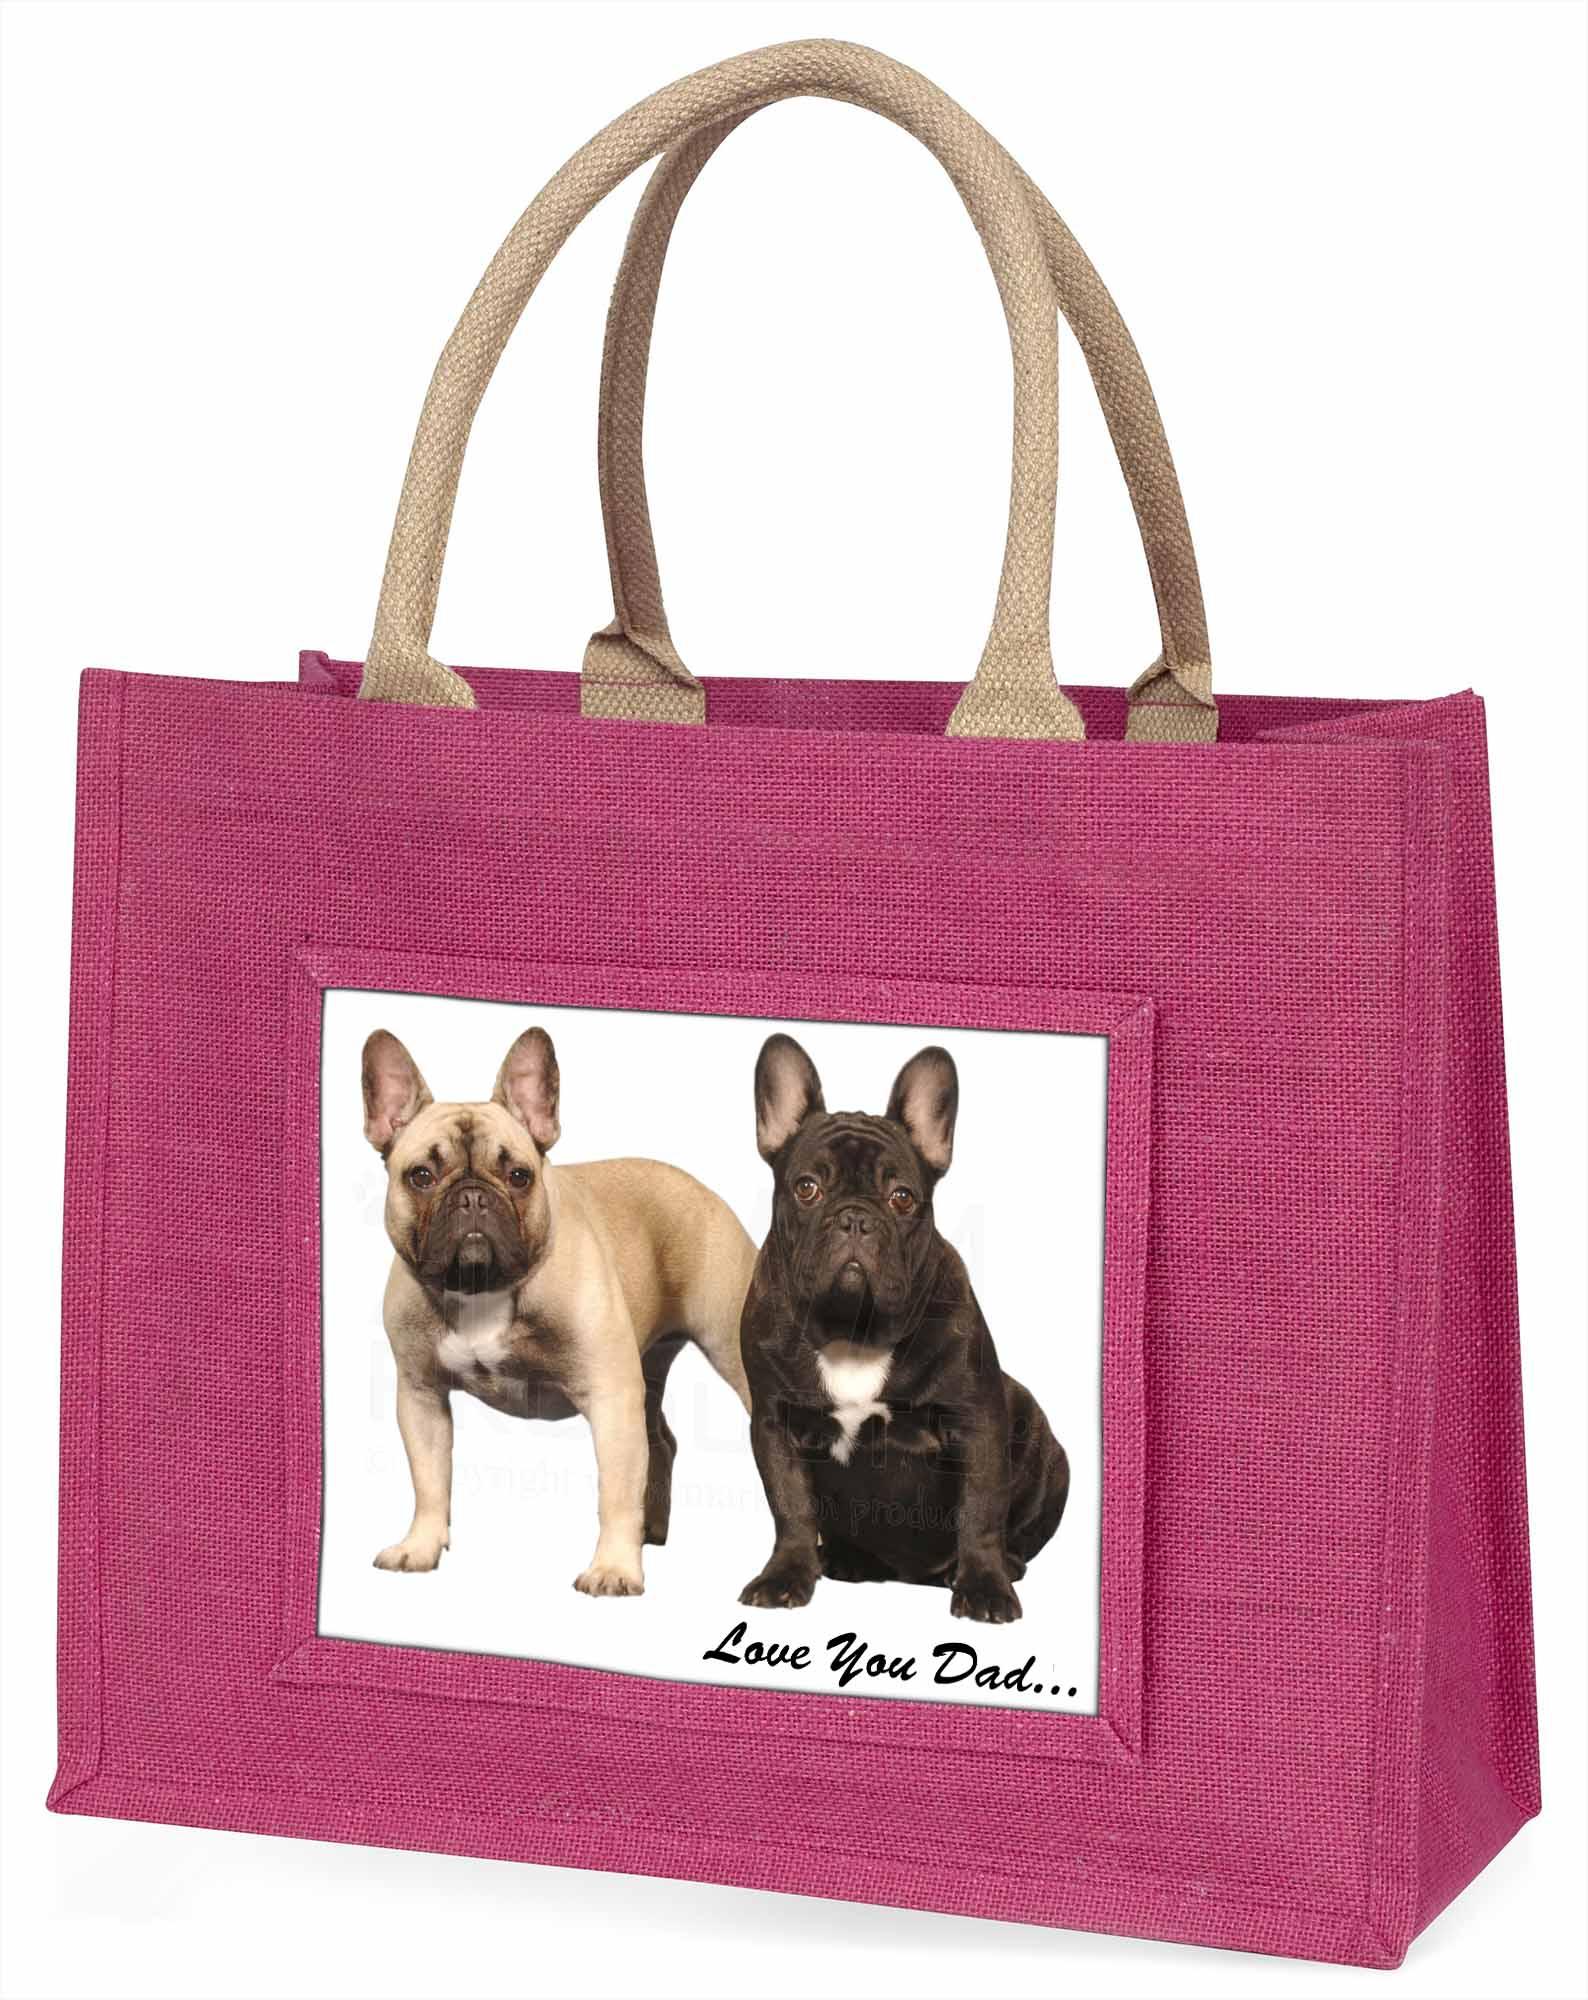 Französische Bulldoggen' liebe Dich Papa' große rosa Einkaufstasche